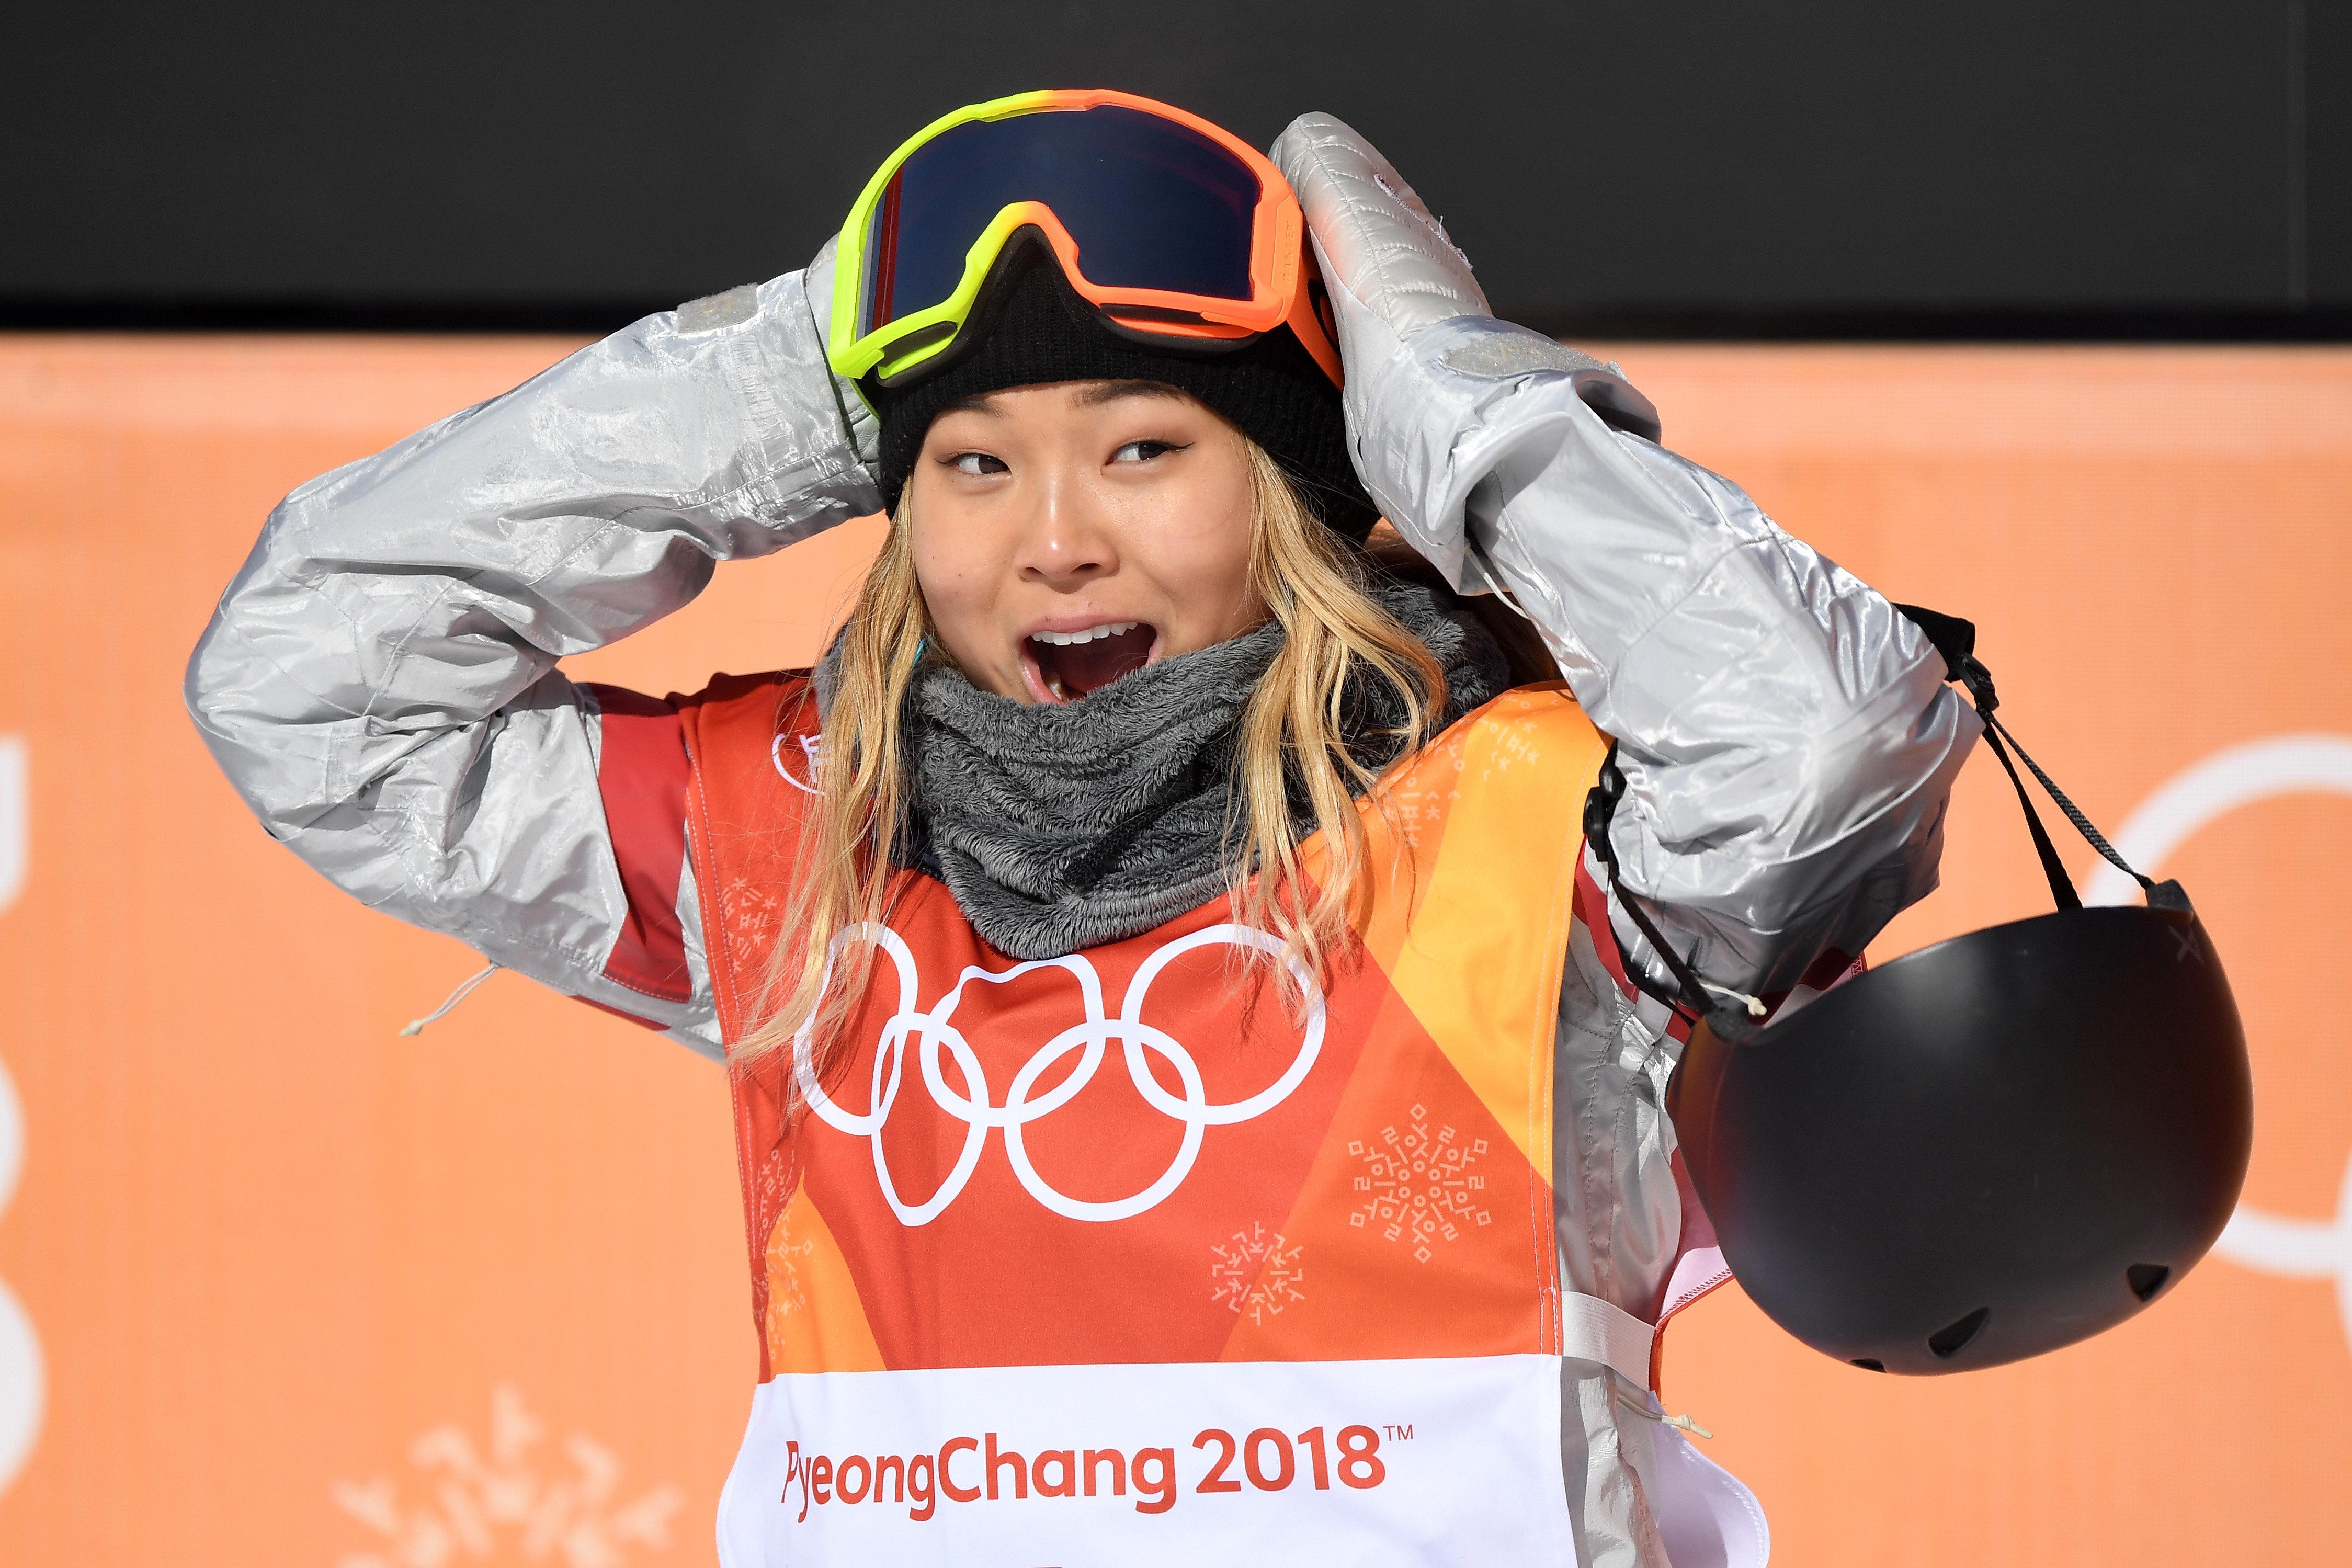 클로이 김이 스노보드 여자 하프파이프에서 금메달을